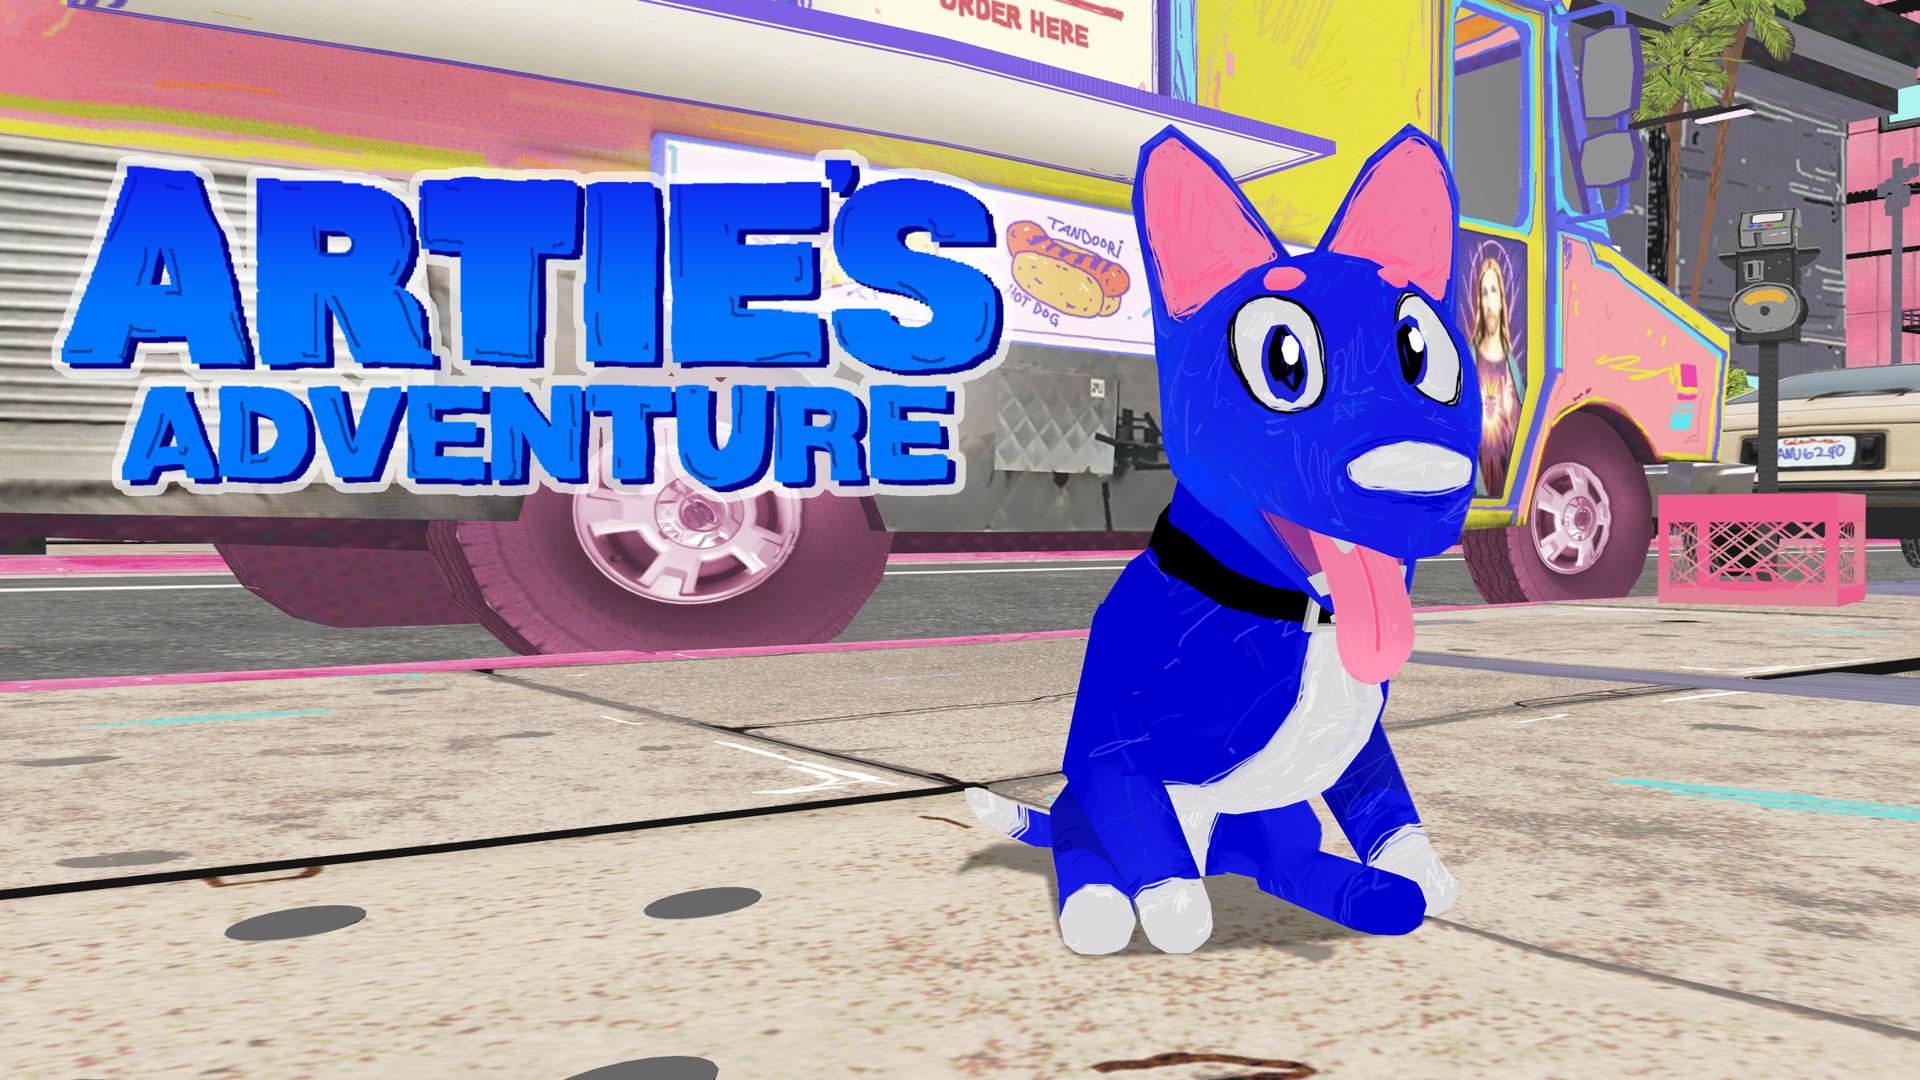 Artie's Adventure poster